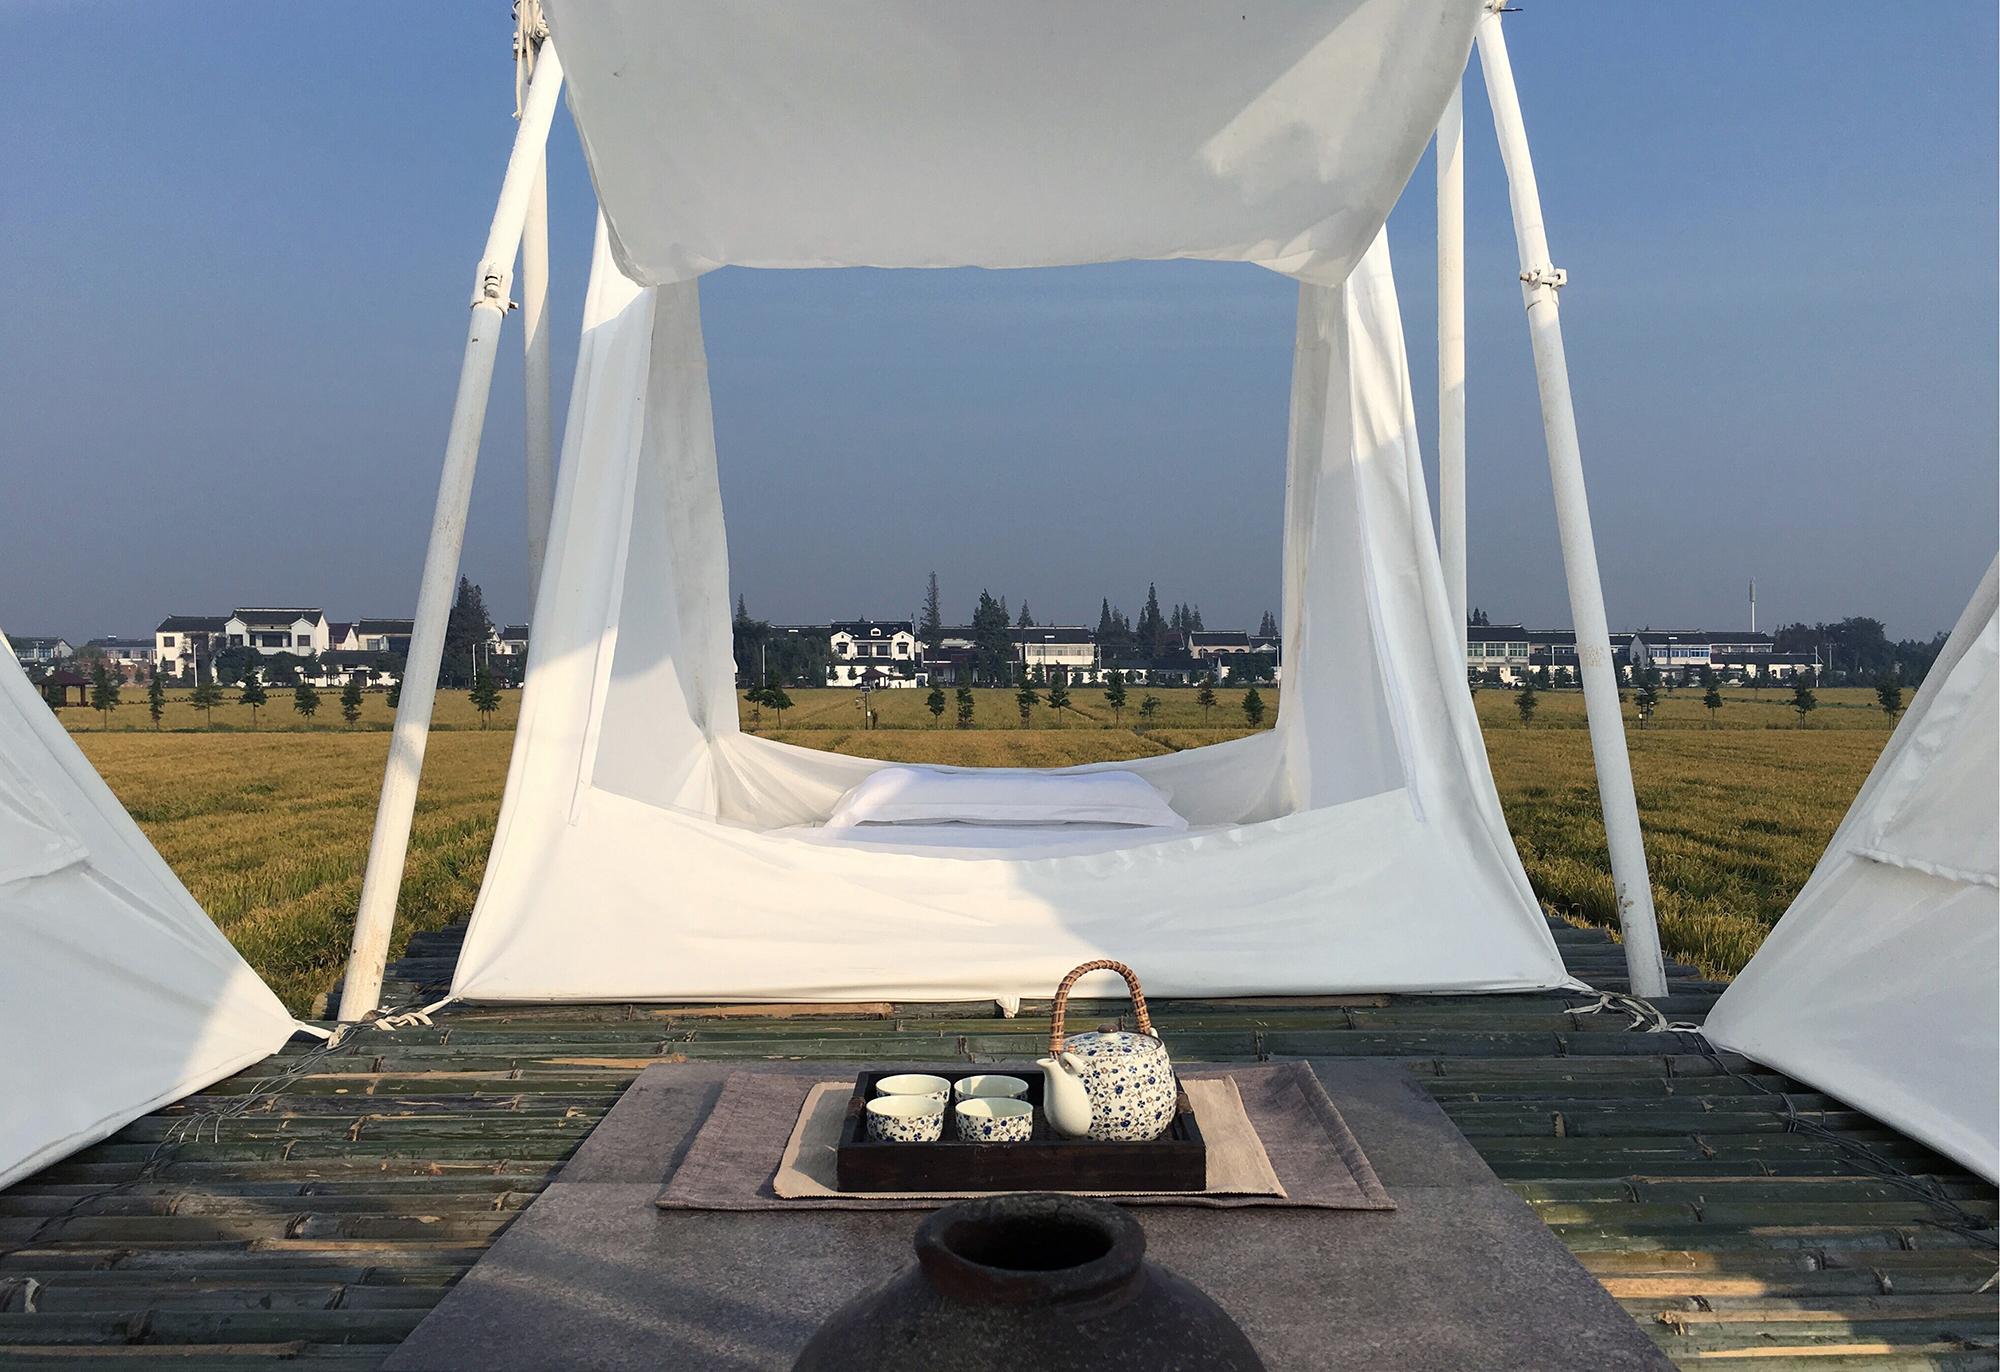 G-稻田与漂浮的庇护所 (6)